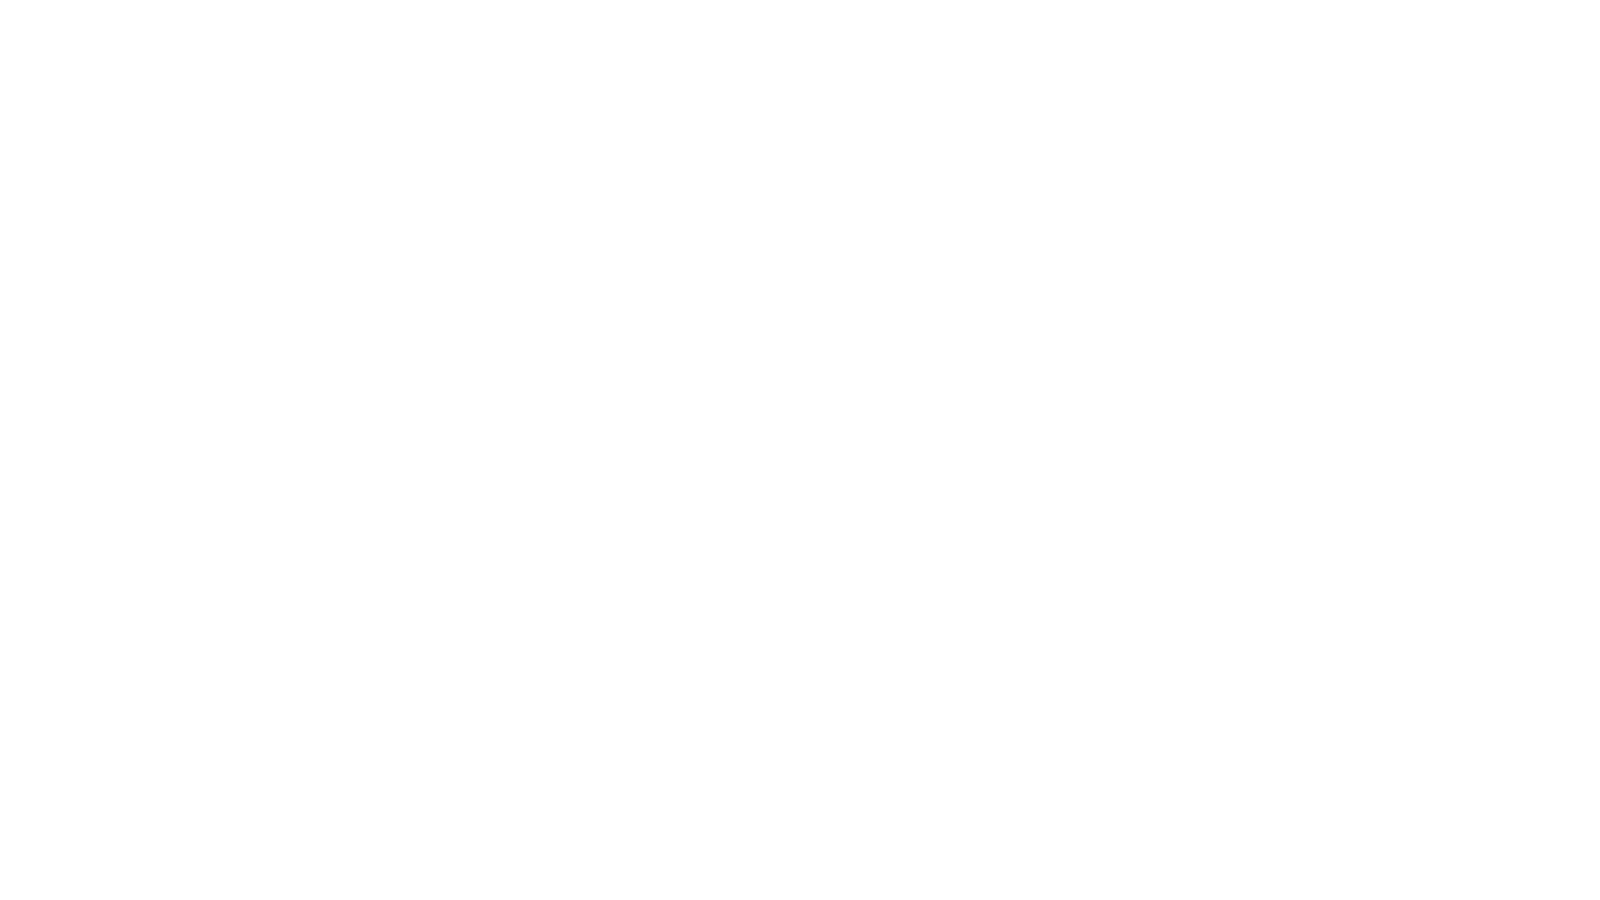 """La agrupación de cumbia trabaja junto al proyecto musical de Teletón desde marzo de 2019, cuya primera entrega musical es un cover de """"La Gloria de Chile"""", original de Joe Vasconcellos. Conoce más en: https://wp.me/p5Uj1y-4jC  Imágenes: Teletón  --------------------------------------------------------------- Facebook: www.facebook.com/agendachilenacl  Twitter: www.twitter.com/agendachilenacl  Instagram: www.instagram.cl/agendachilenacl  Web: www.agendachilena.cl"""